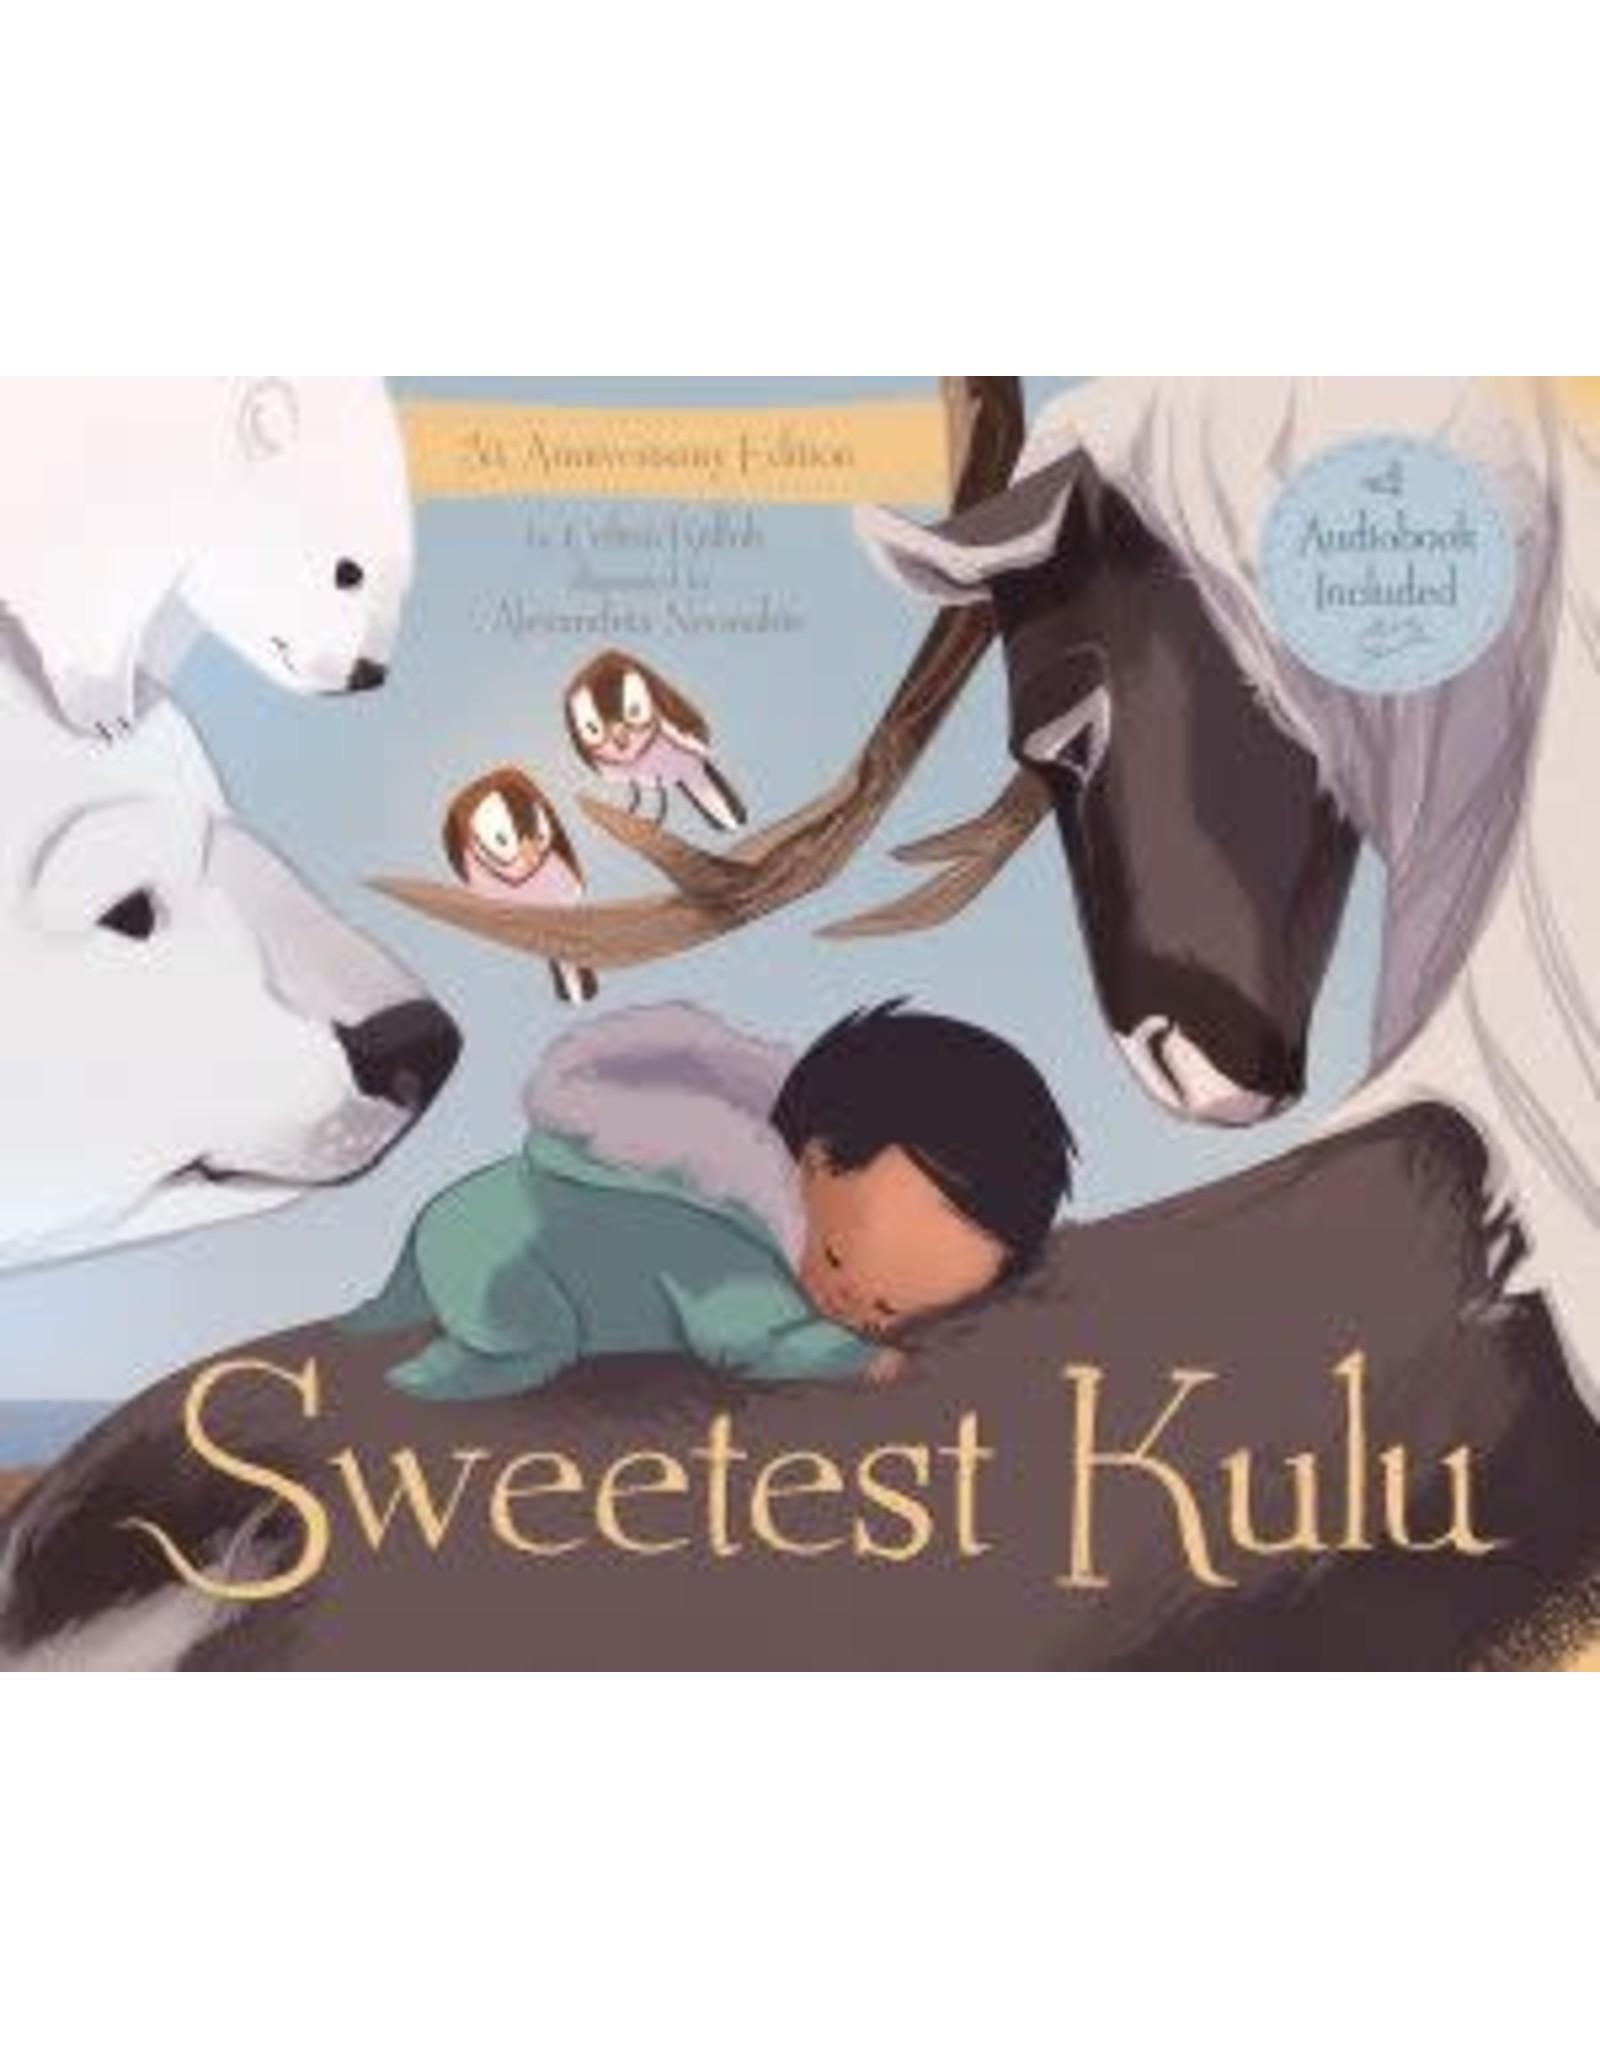 Ingram Sweetest Kulu, by Celina Kalluk